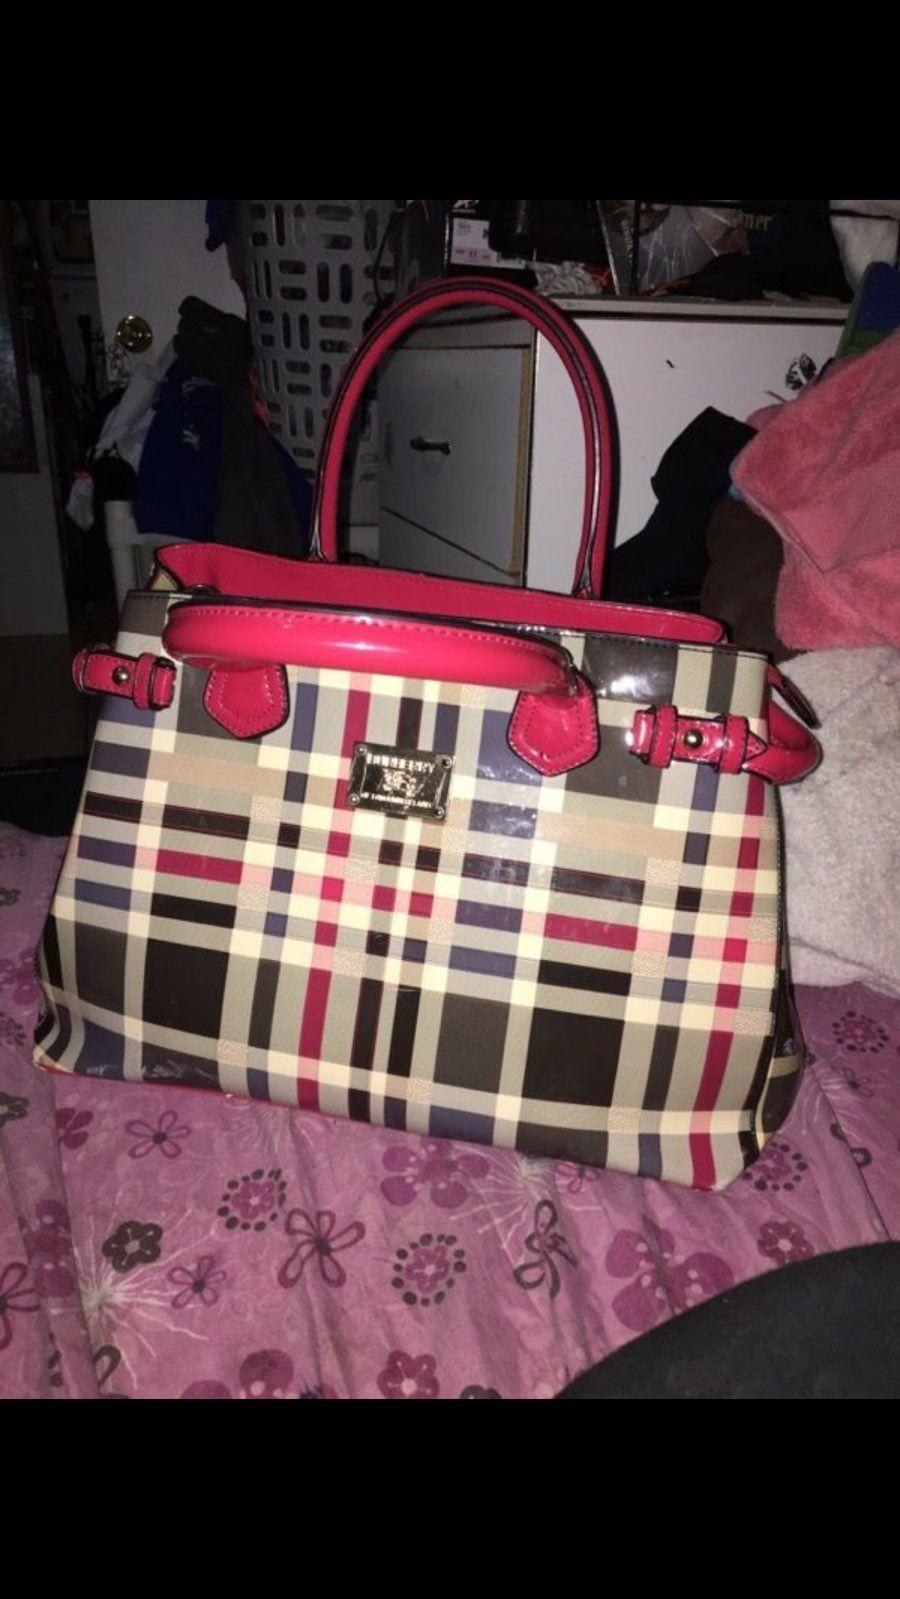 Burberry Handbag Original